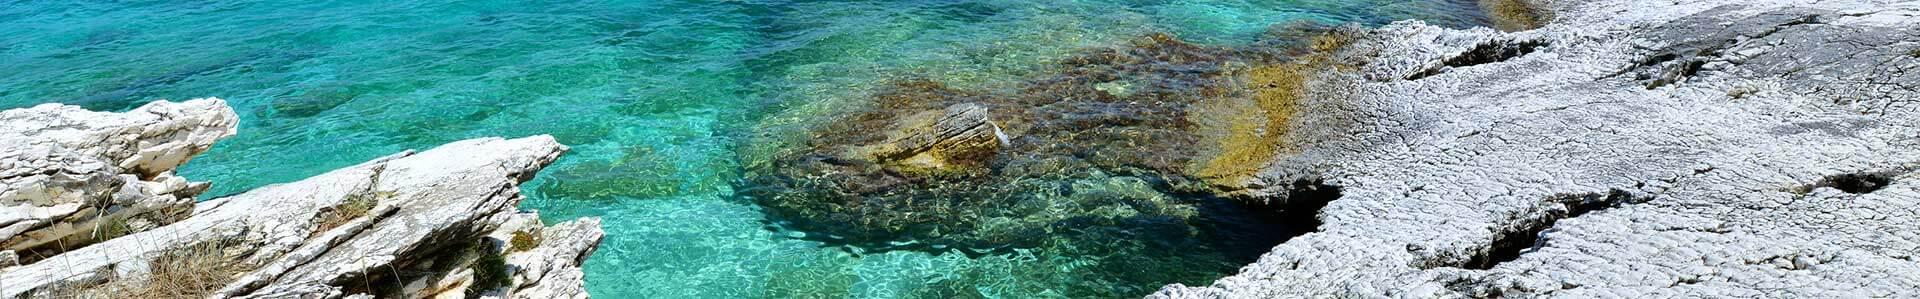 Voyages dans les Cyclades - TUI